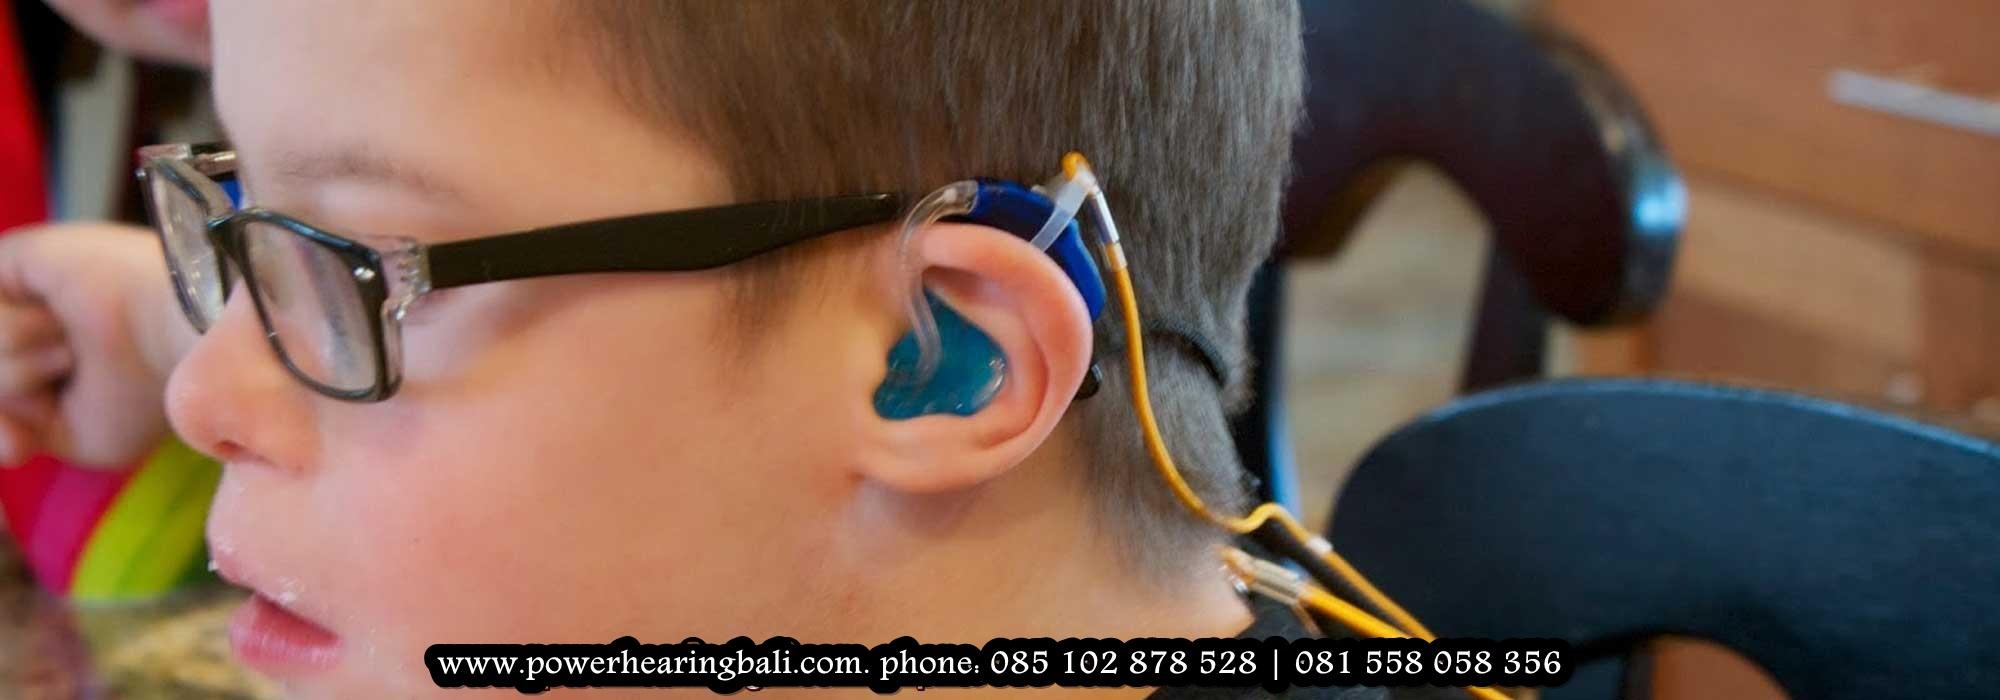 Artikel Tentang Pendengaran Alat Bantu Dengar Jakarta